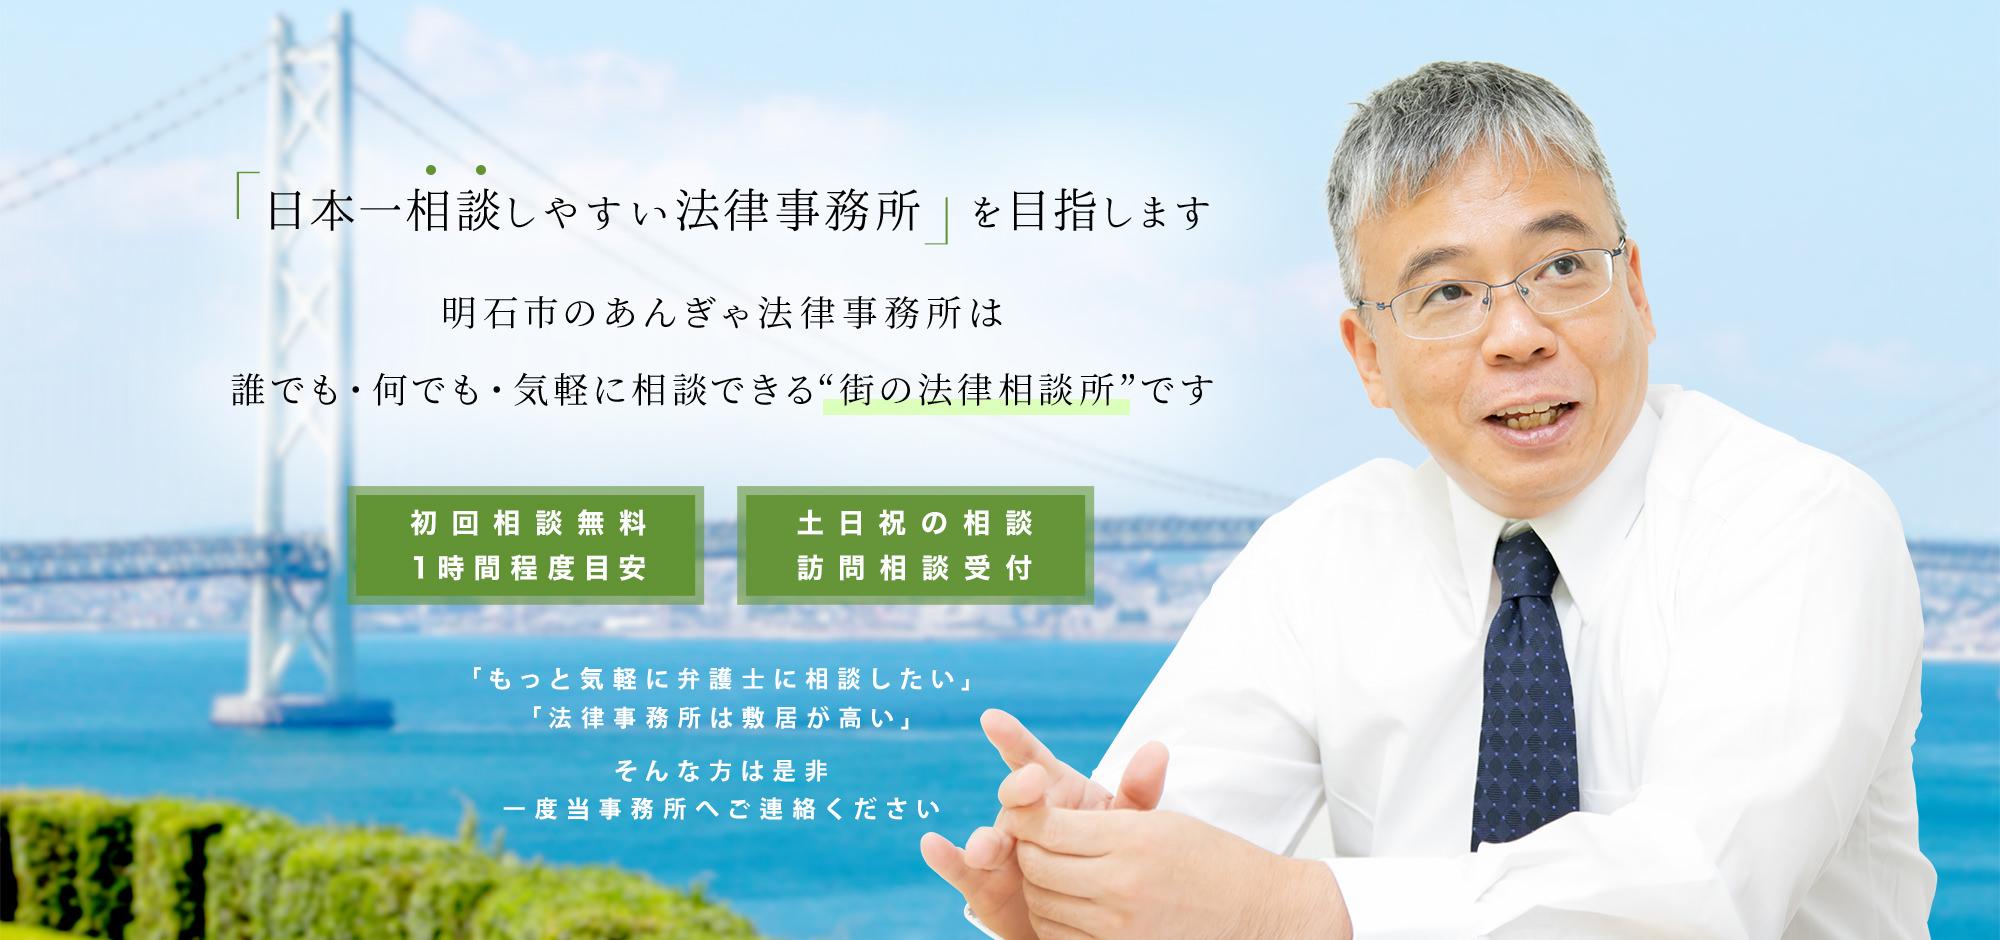 日本一相談しやすい法律事務所  を目指します